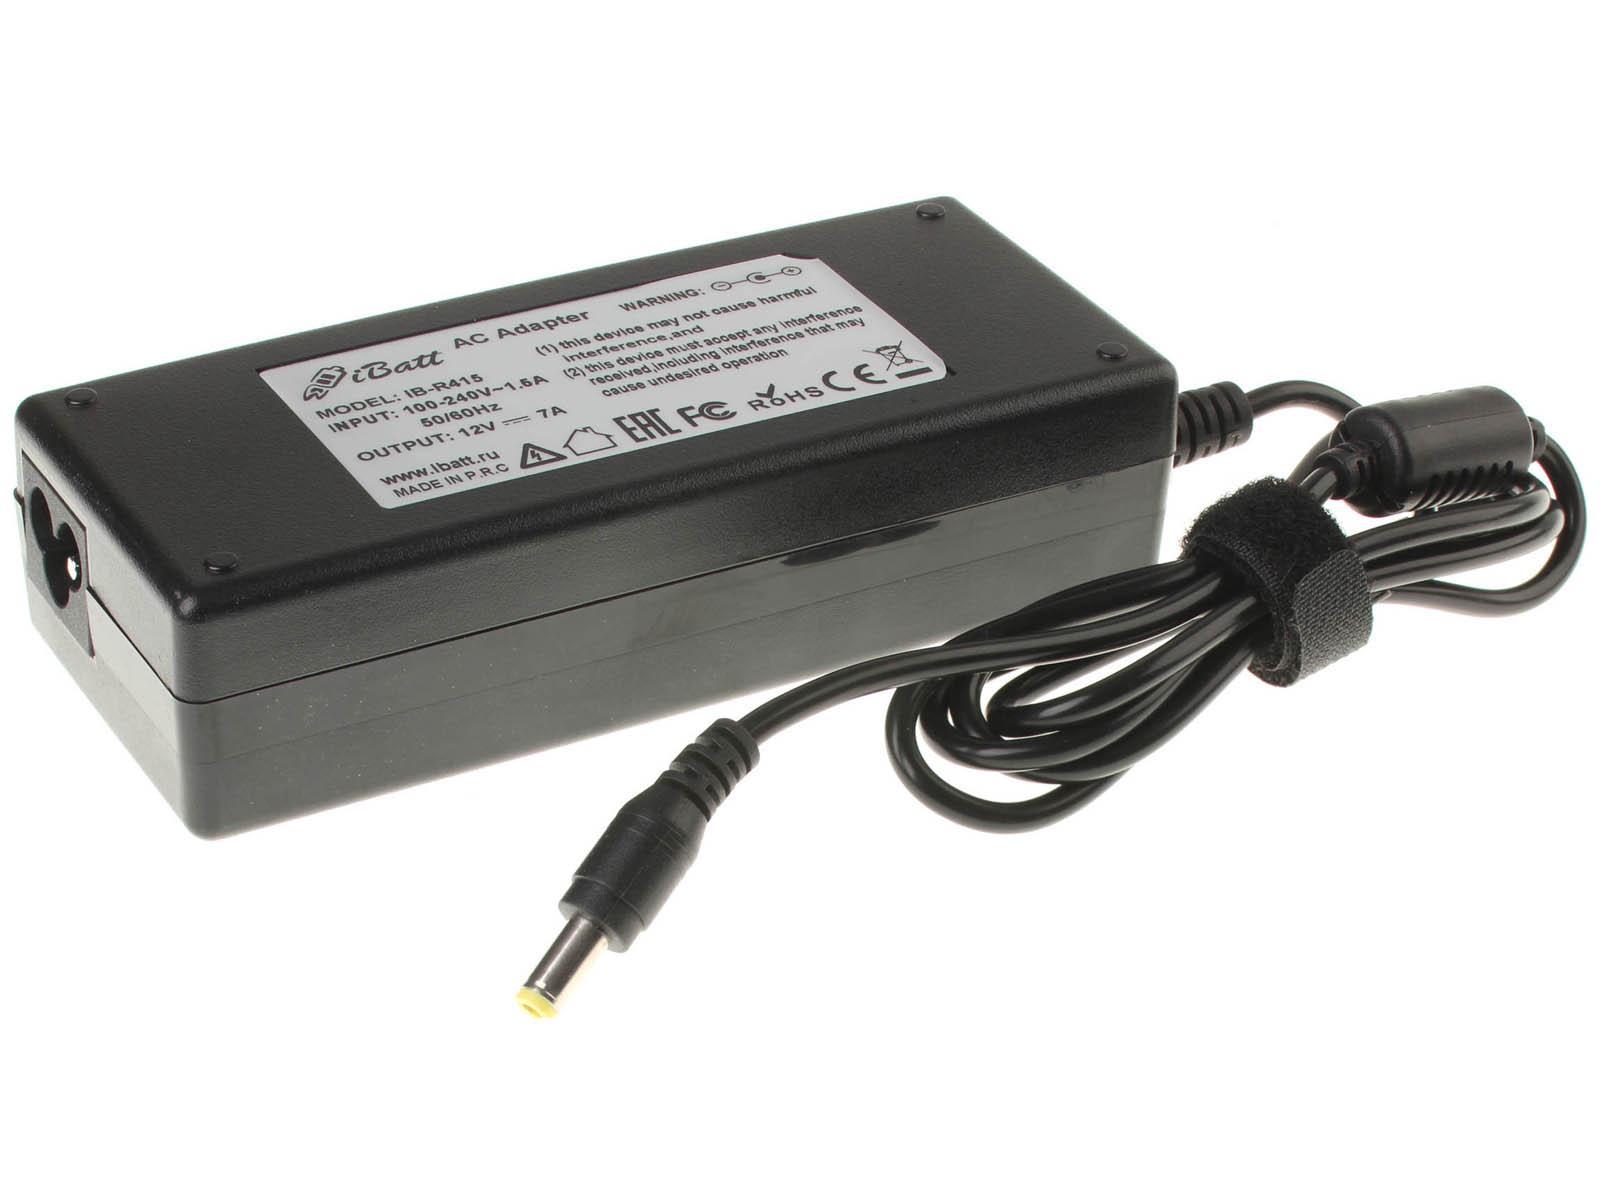 Блок питания (адаптер питания) FSP075-DMAA1 для ноутбука Acer. Артикул iB-R415. Напряжение (V): 12